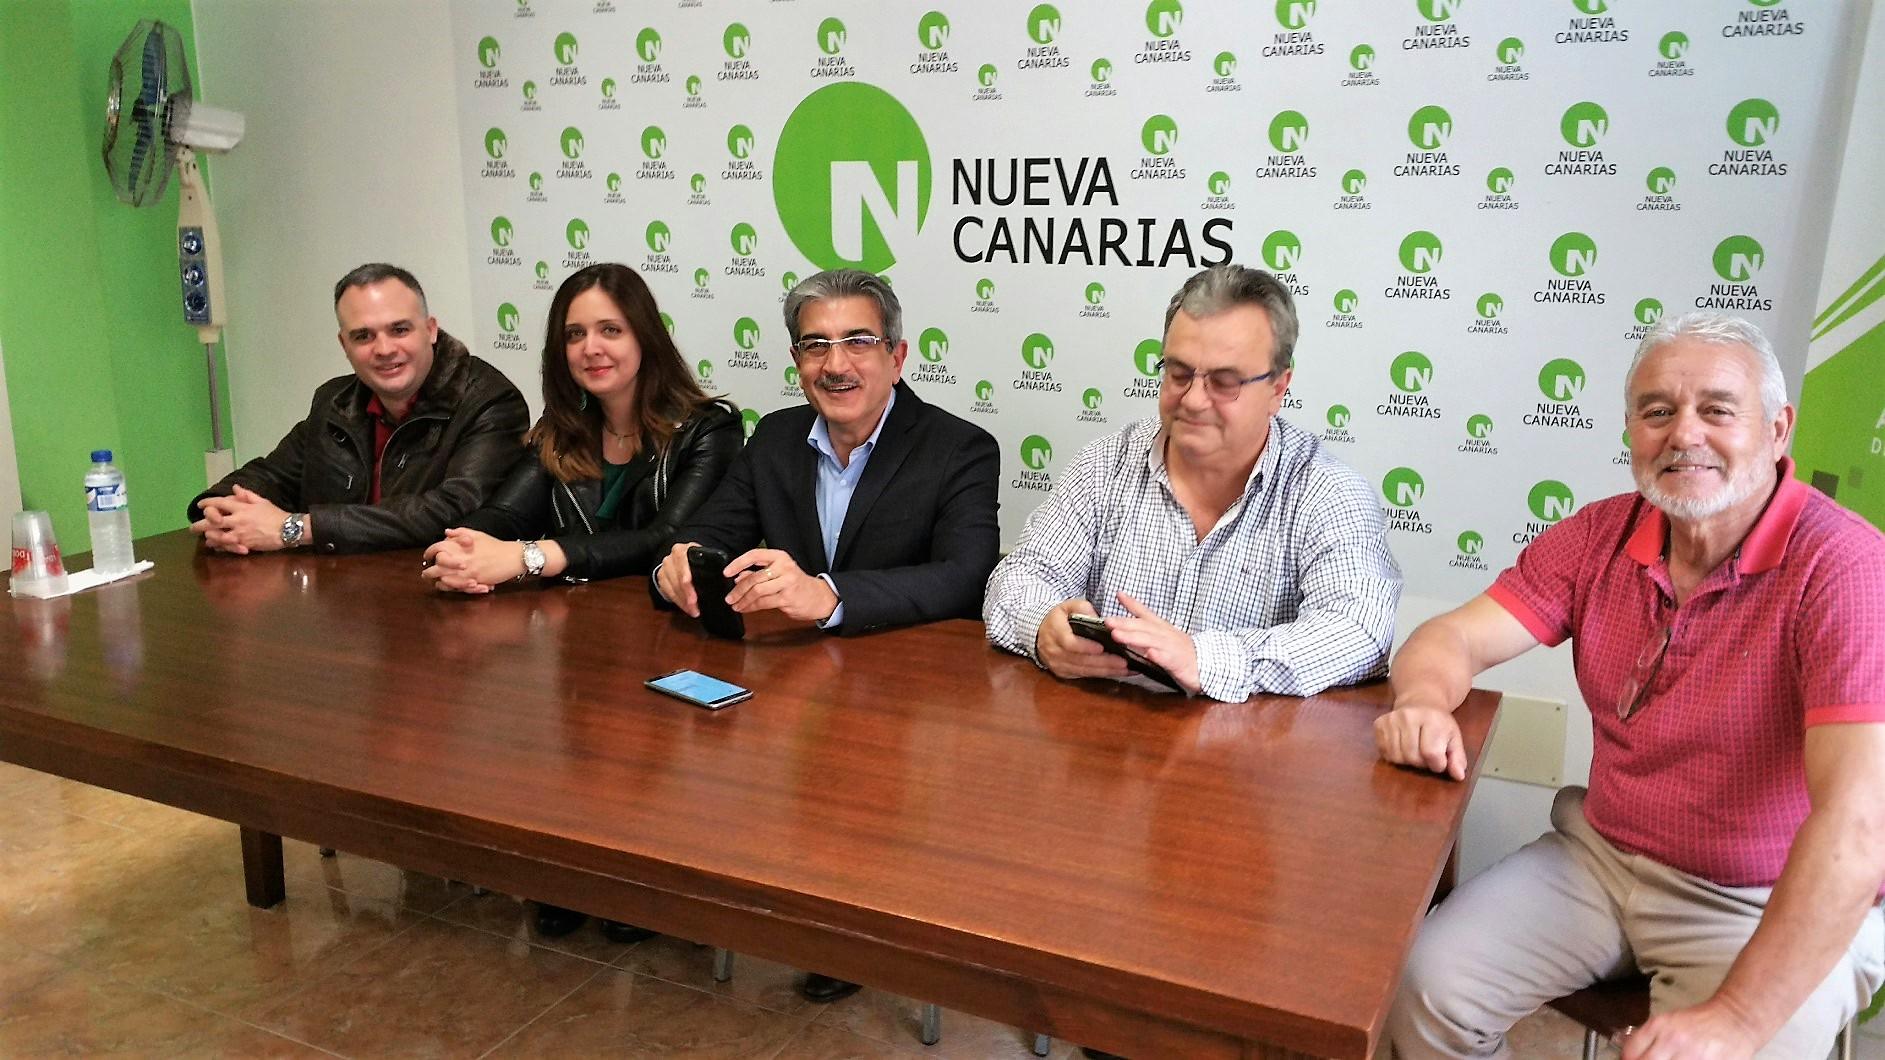 Román Rodríguez en la sede de Nueva Canarias.